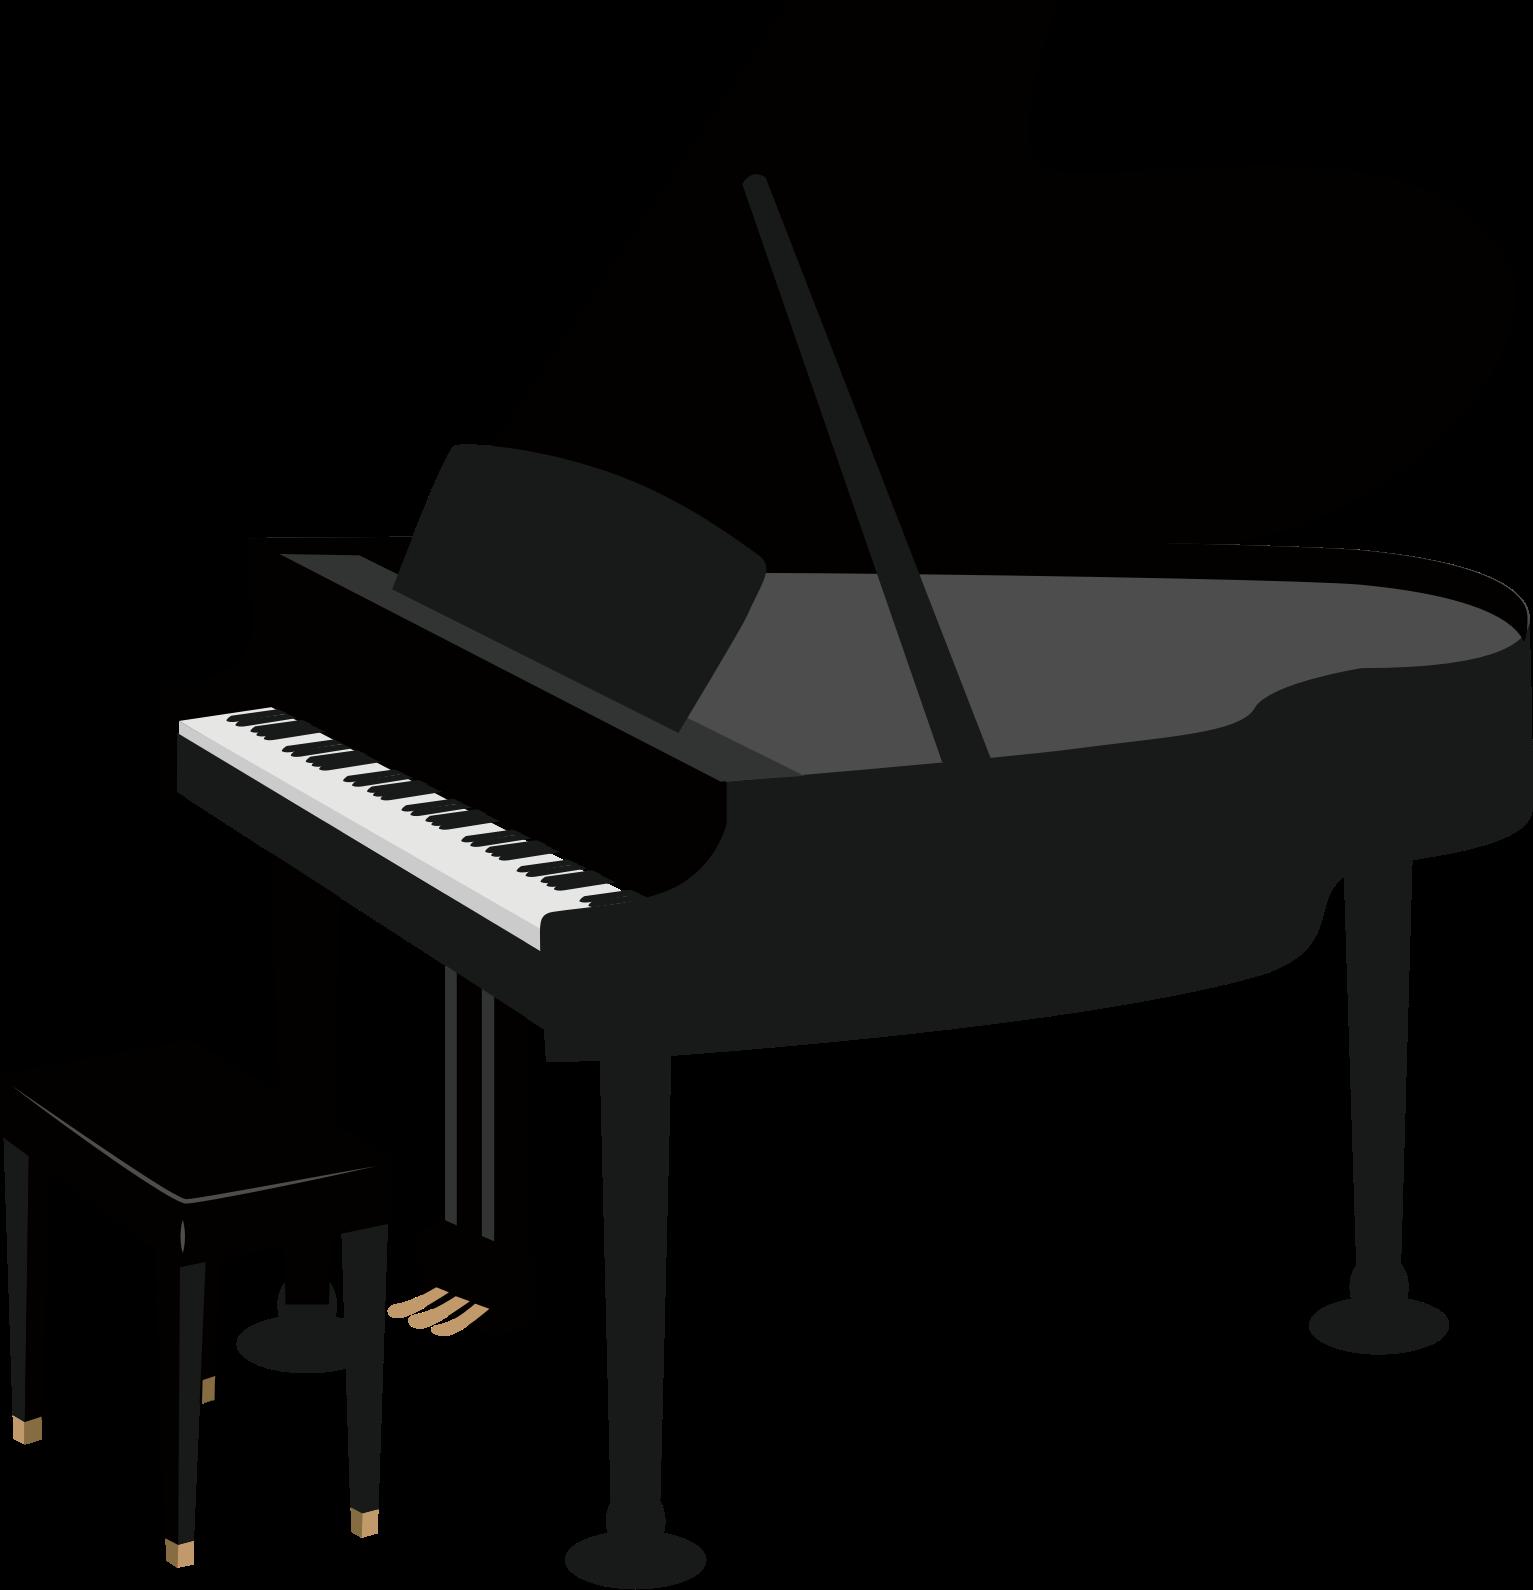 Grand big image png. Clipart piano wallpaper